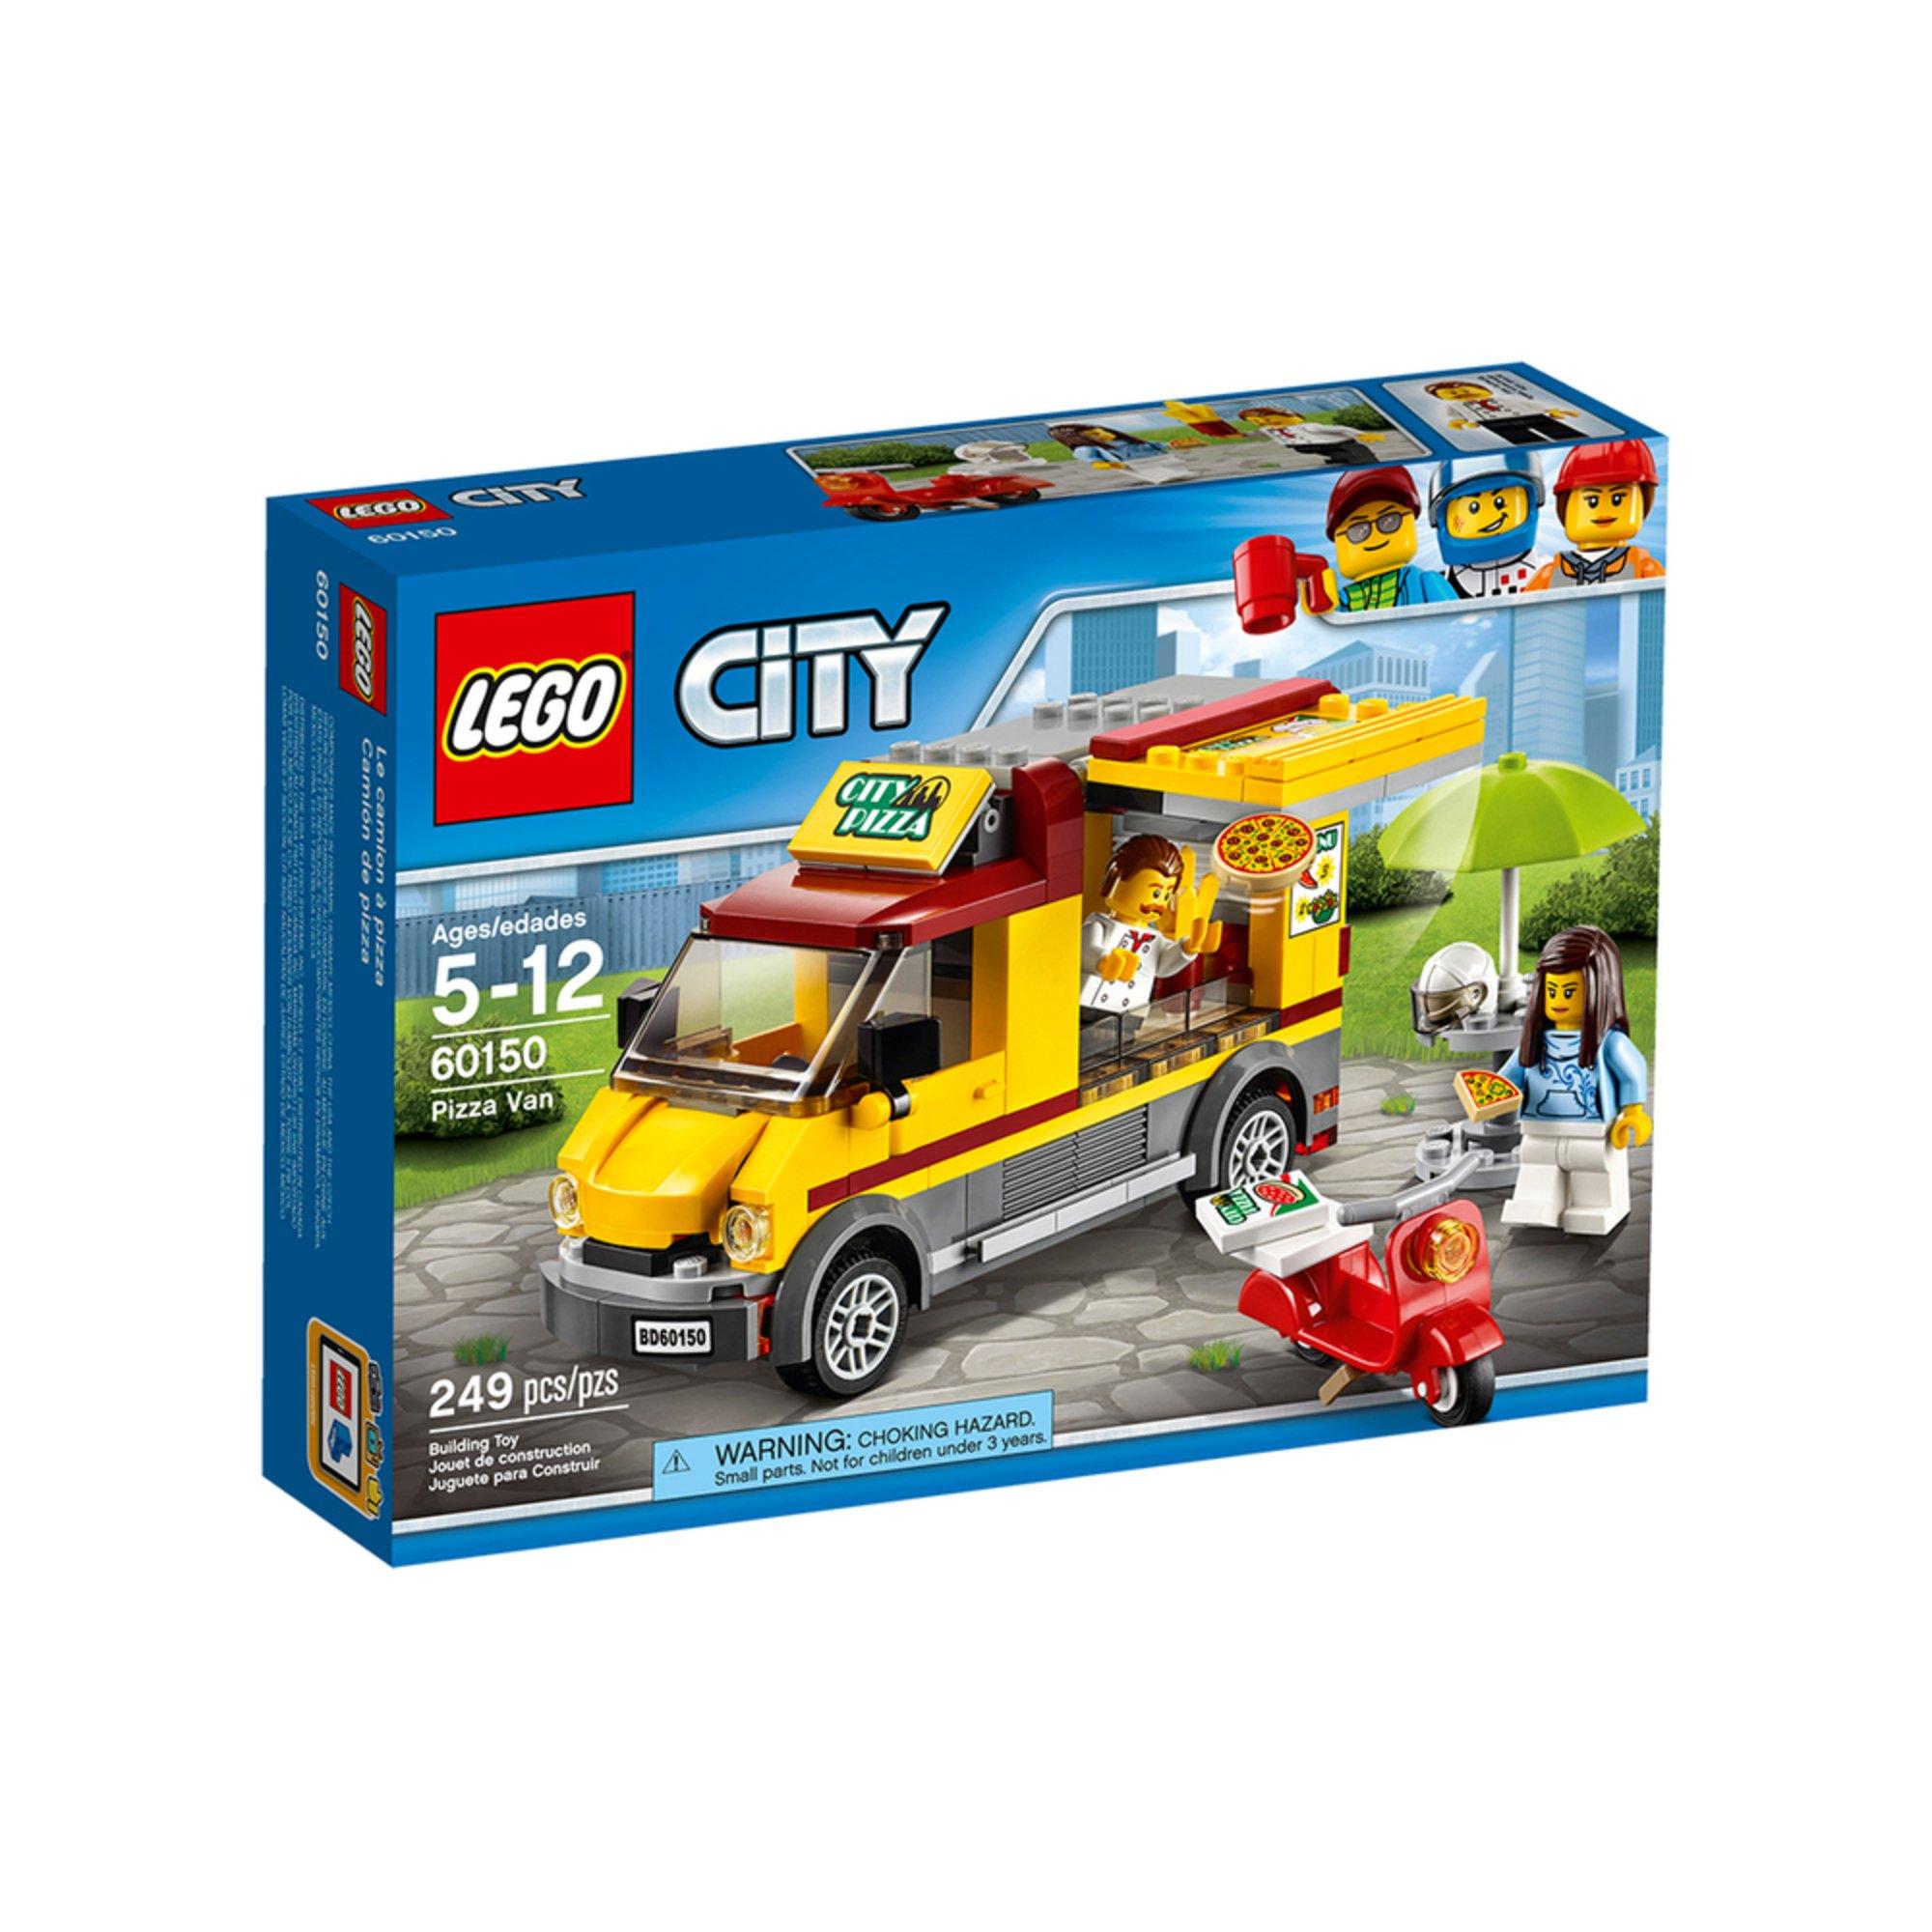 Lego City Pizza Van (60150) | Building Sets & Kits